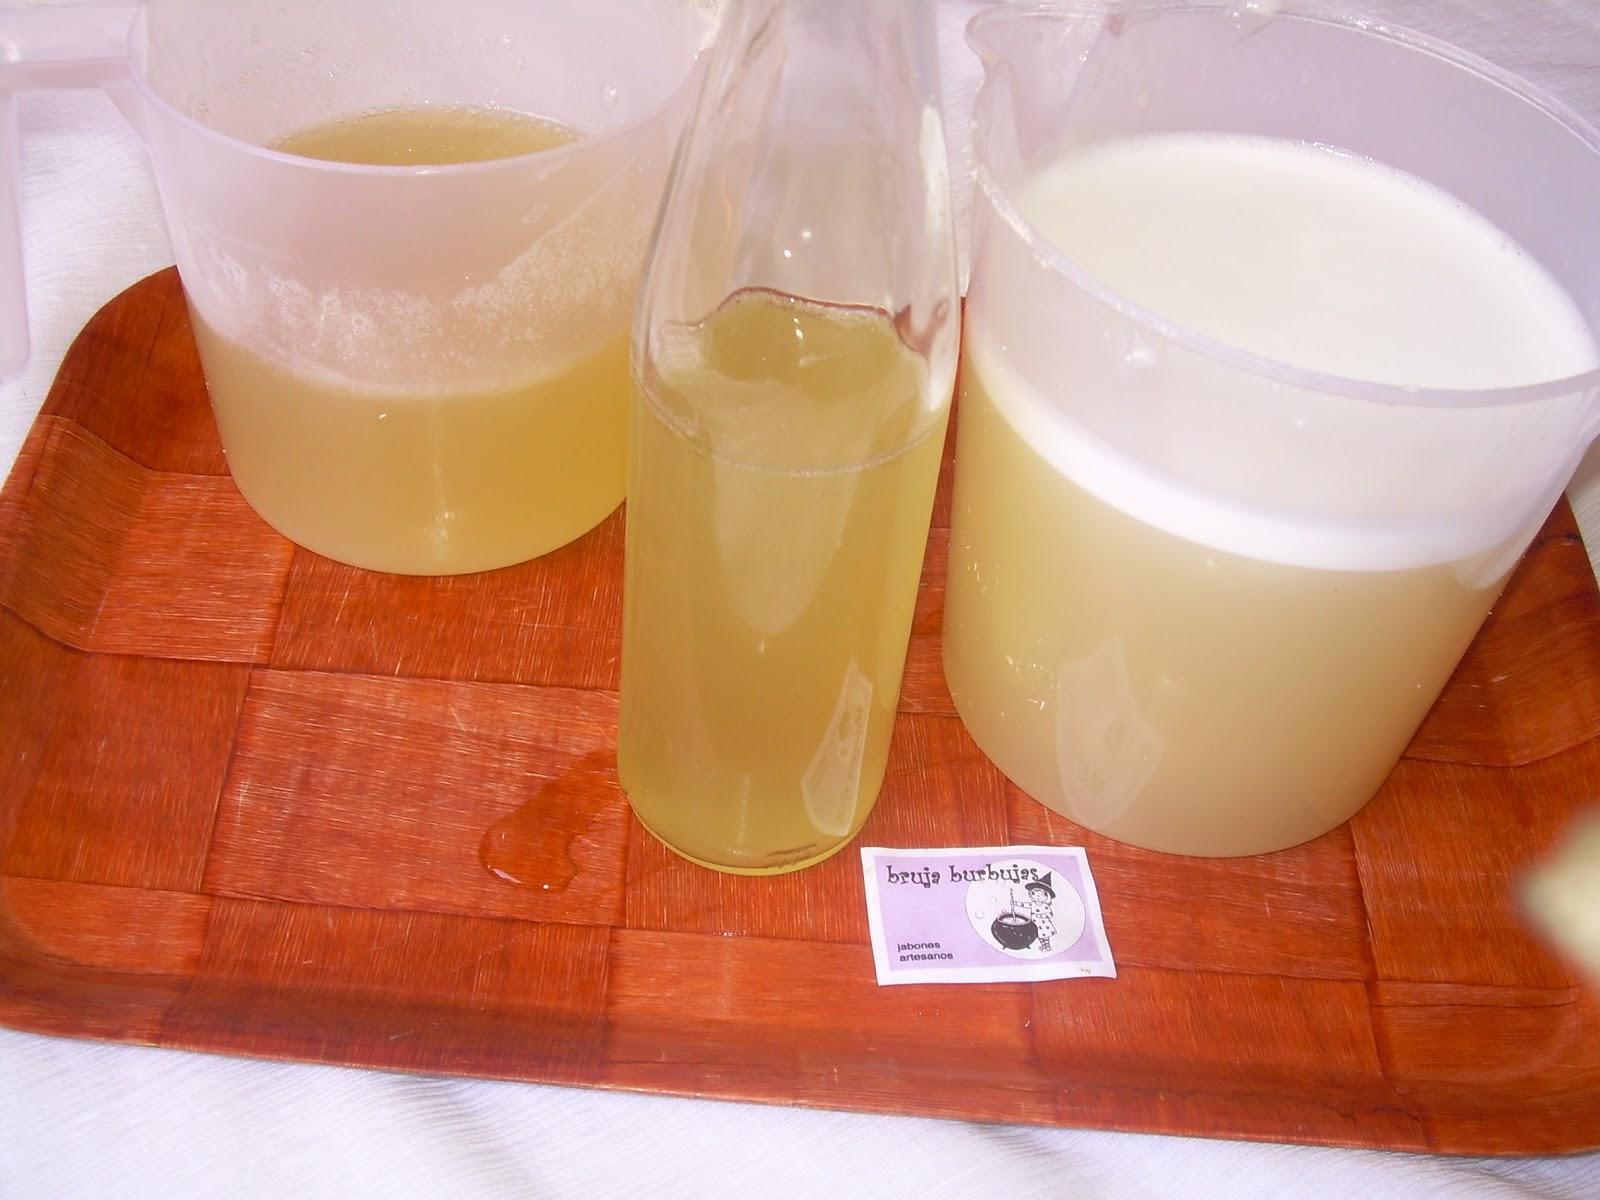 Hacer Del Baño Moco Amarillo:Removed bien para que le alcohol se integre, y veréis que se vuelve